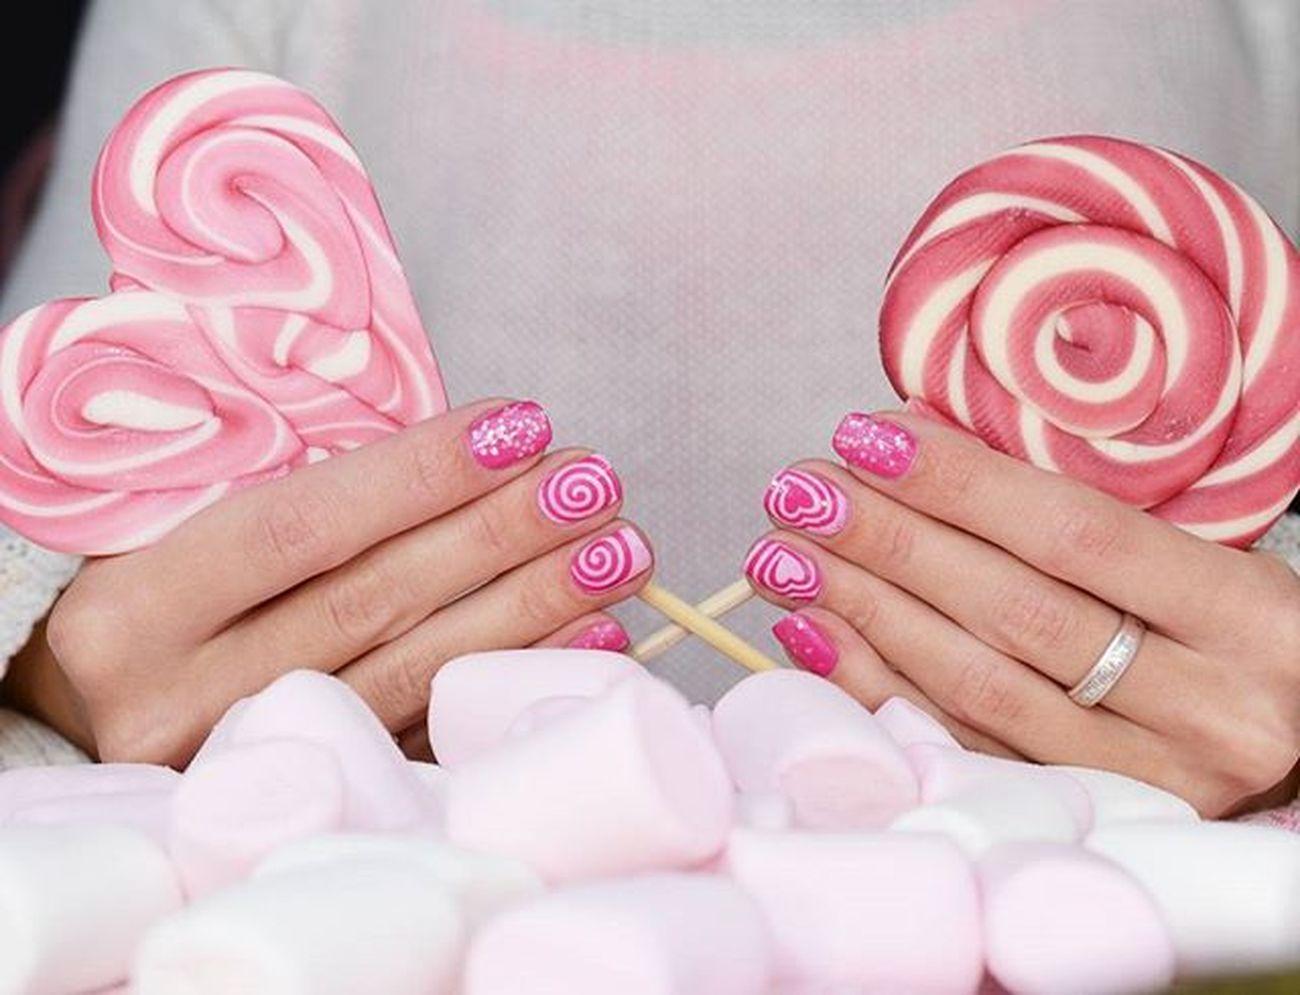 Для меня розовый цвет - это сахарная вата, серчечки и мимими. Поэтому вот такой маникюр получился для маникюрврозовомцвете в рамках маникюрнавыходной Анюты @nailsannagorelova и @dancelegendofficial в рамках марафона Maniinsta_kaleidoscope OPI Kiss me On MY Tulips, Golden Rose 63 и Dancelegend Top Fleur Конечно, при помощи самых лучших трафаретов @rocknailstar_shop Rocknailstar трафаретныйэкстаз Nailblogger Polishaholic Naildesign Nailru лакоманьяк Nailbeauty Nailaddict лакоголик Nails2inspire Nagellack  Smalto лак Notd Allprettynails Vernis Uñas Nailvarnish Nailsoftheday маникюрныйинстаграмтегсообществанейлру2016